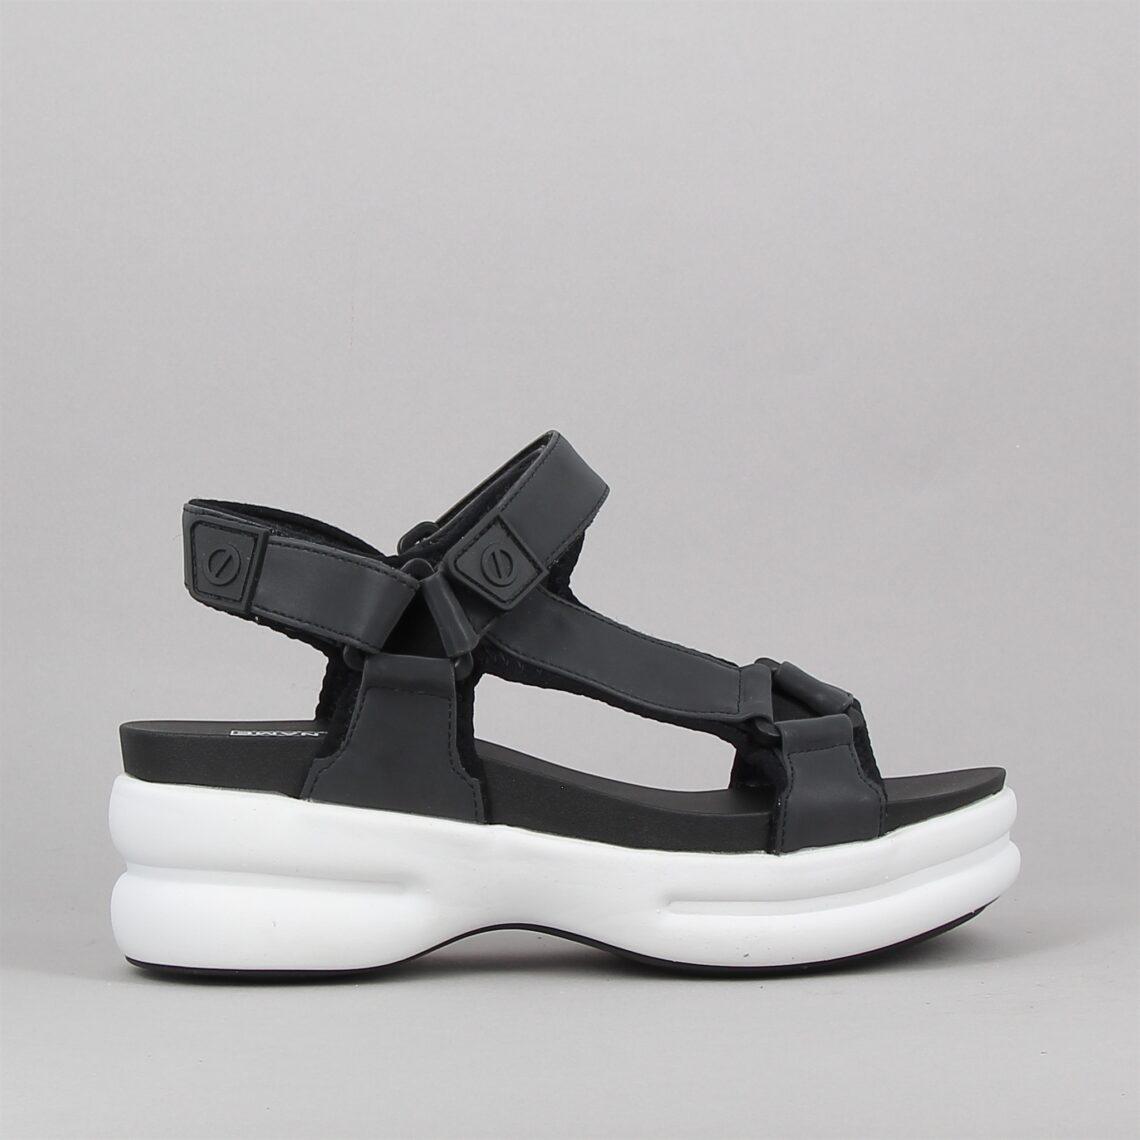 concrete sandal reflex